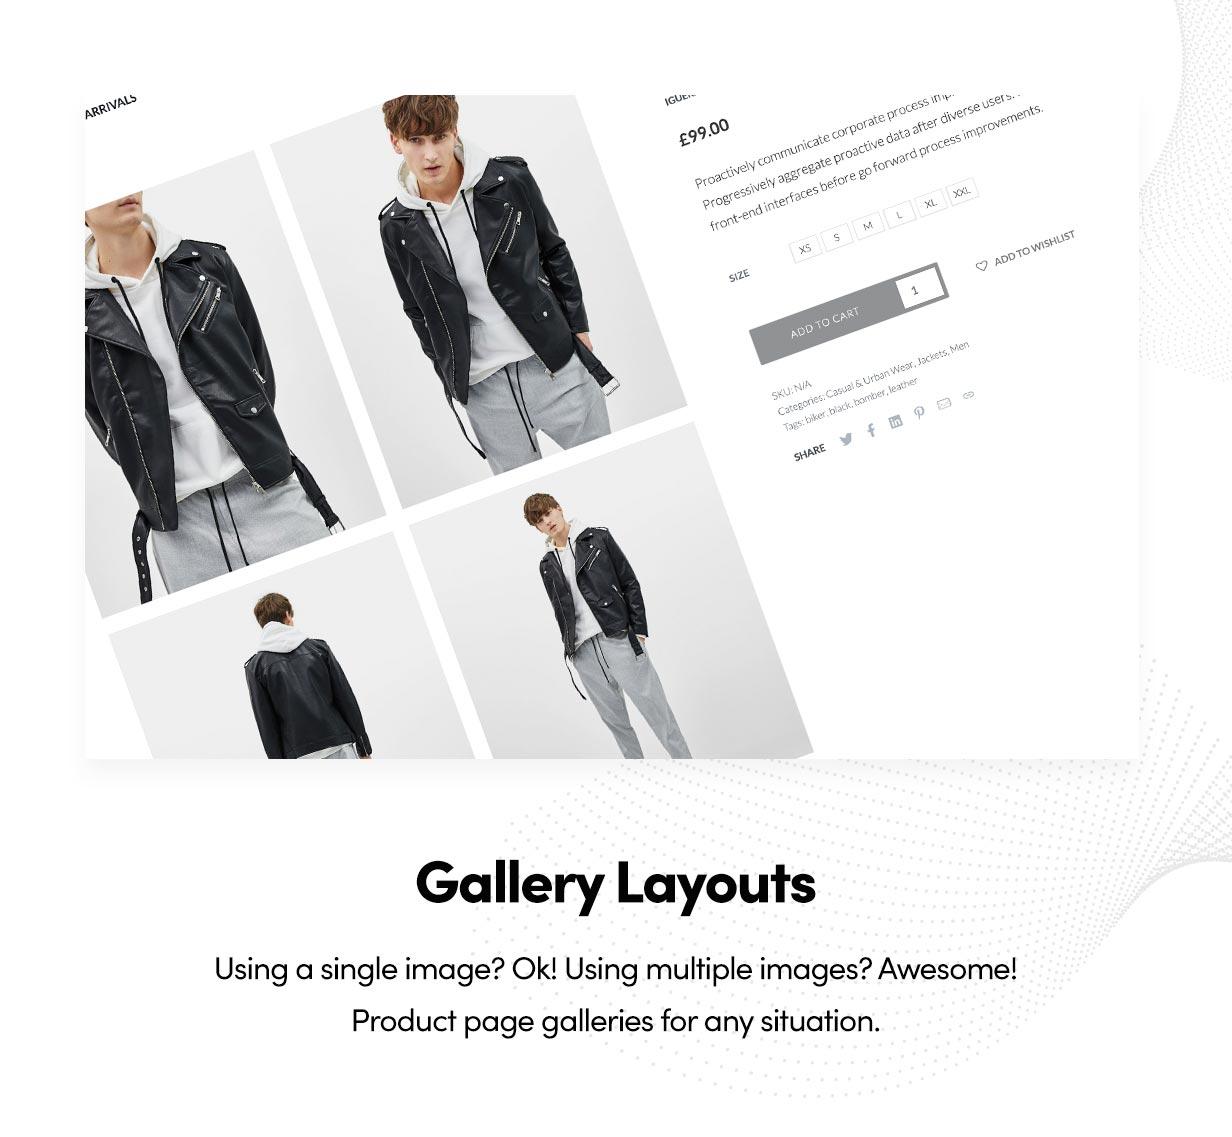 p woocommerce 3 - Rey - Fashion & Clothing, Furniture